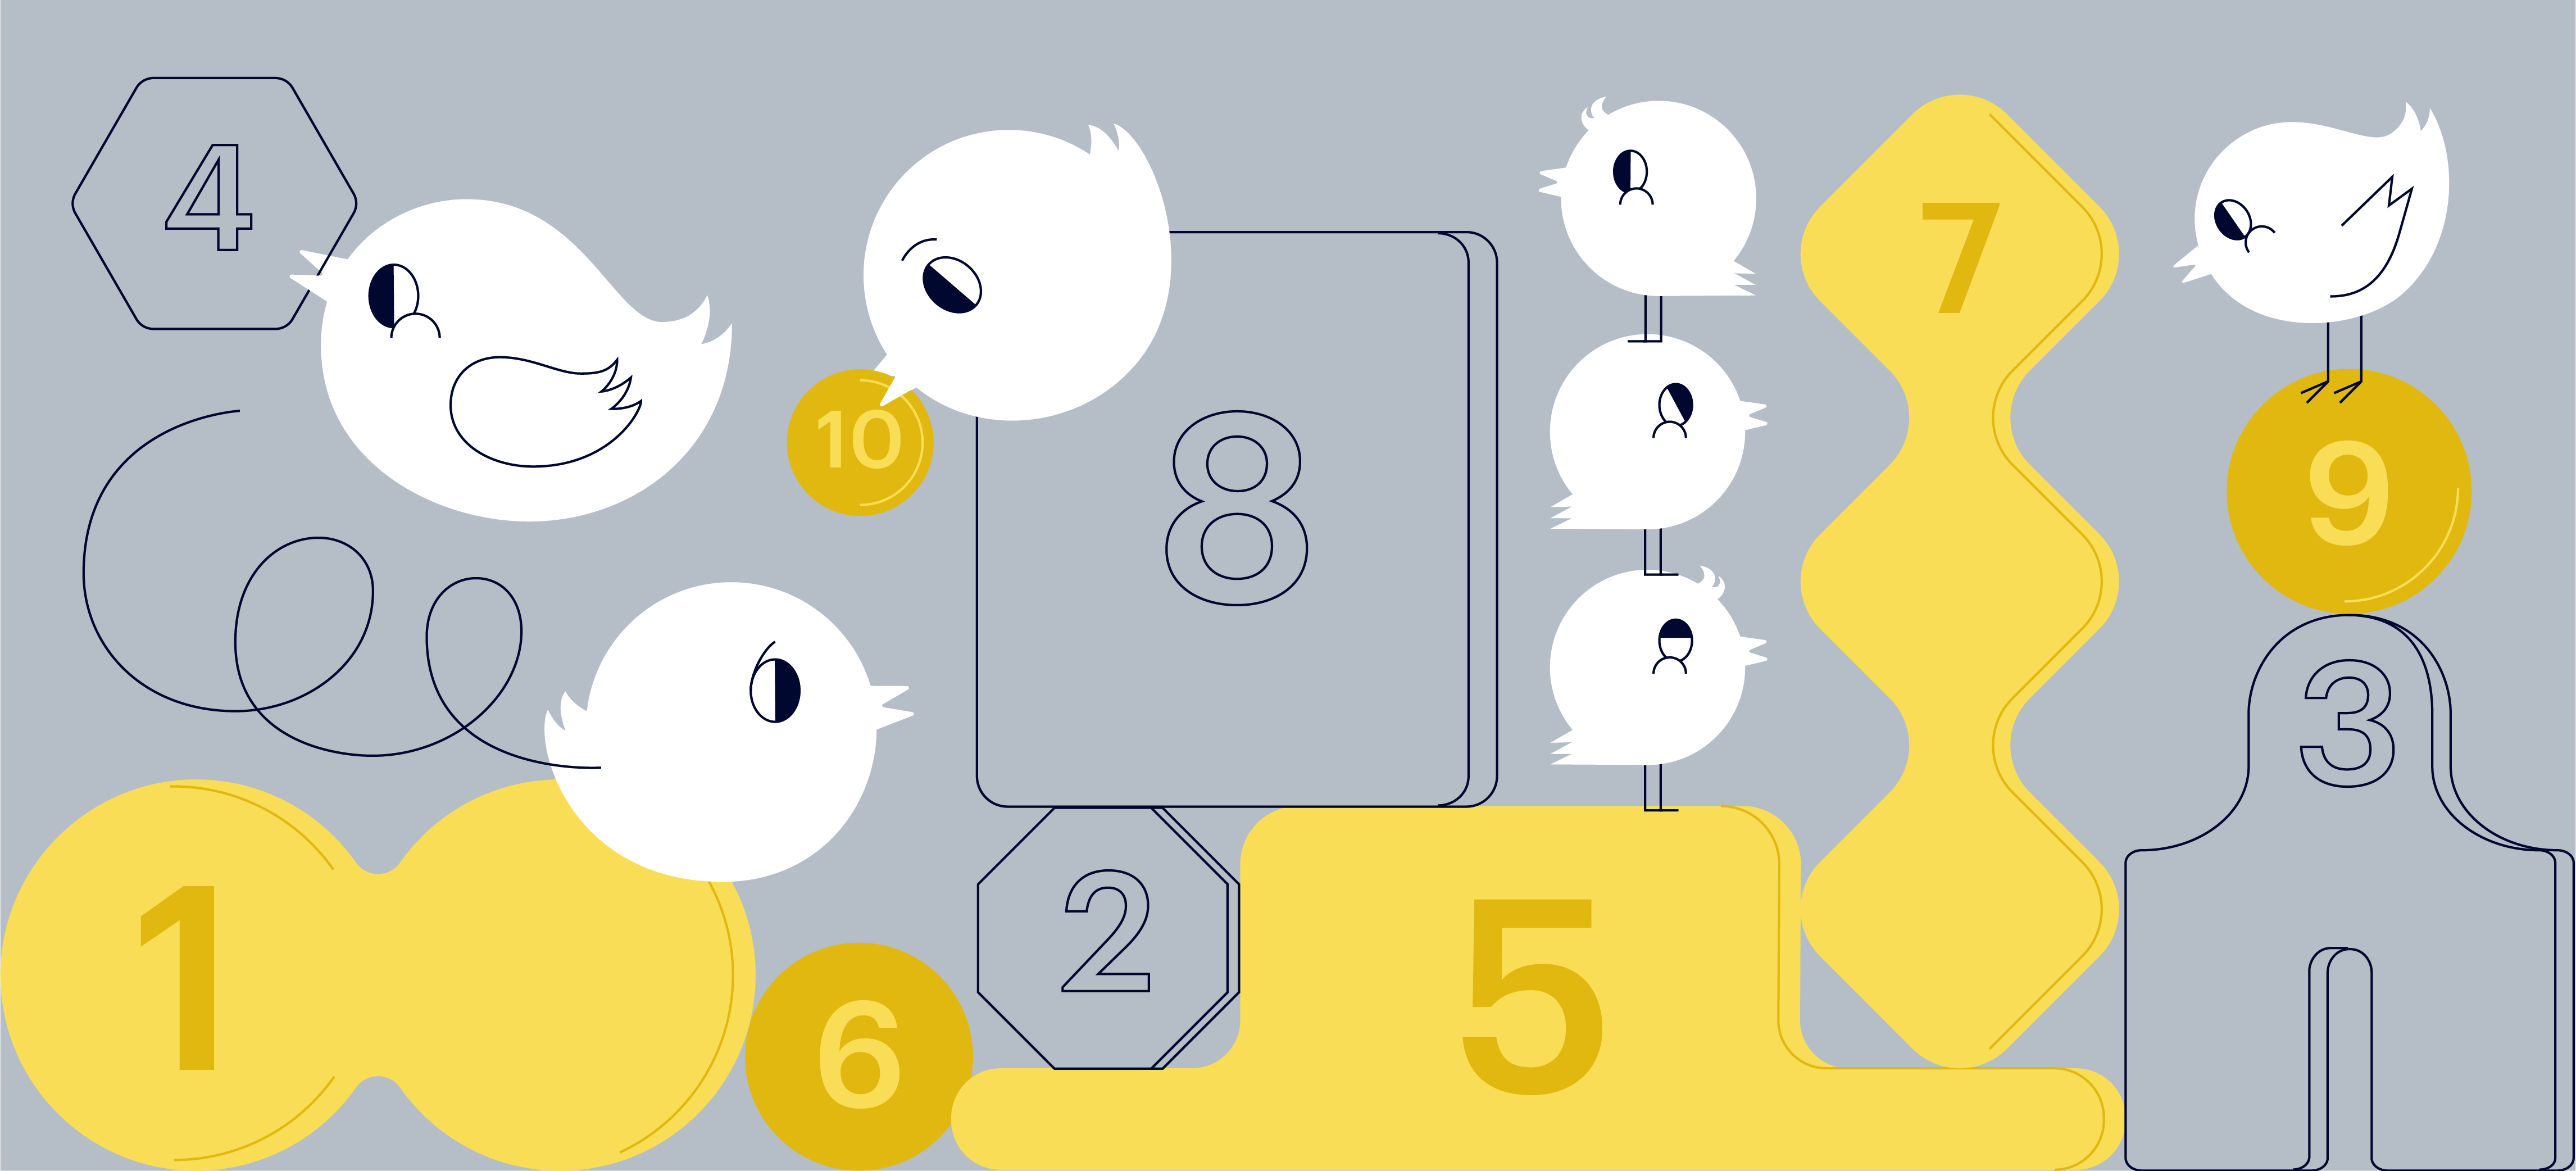 Топ-10 Angular-приемов, выбранных сообществом